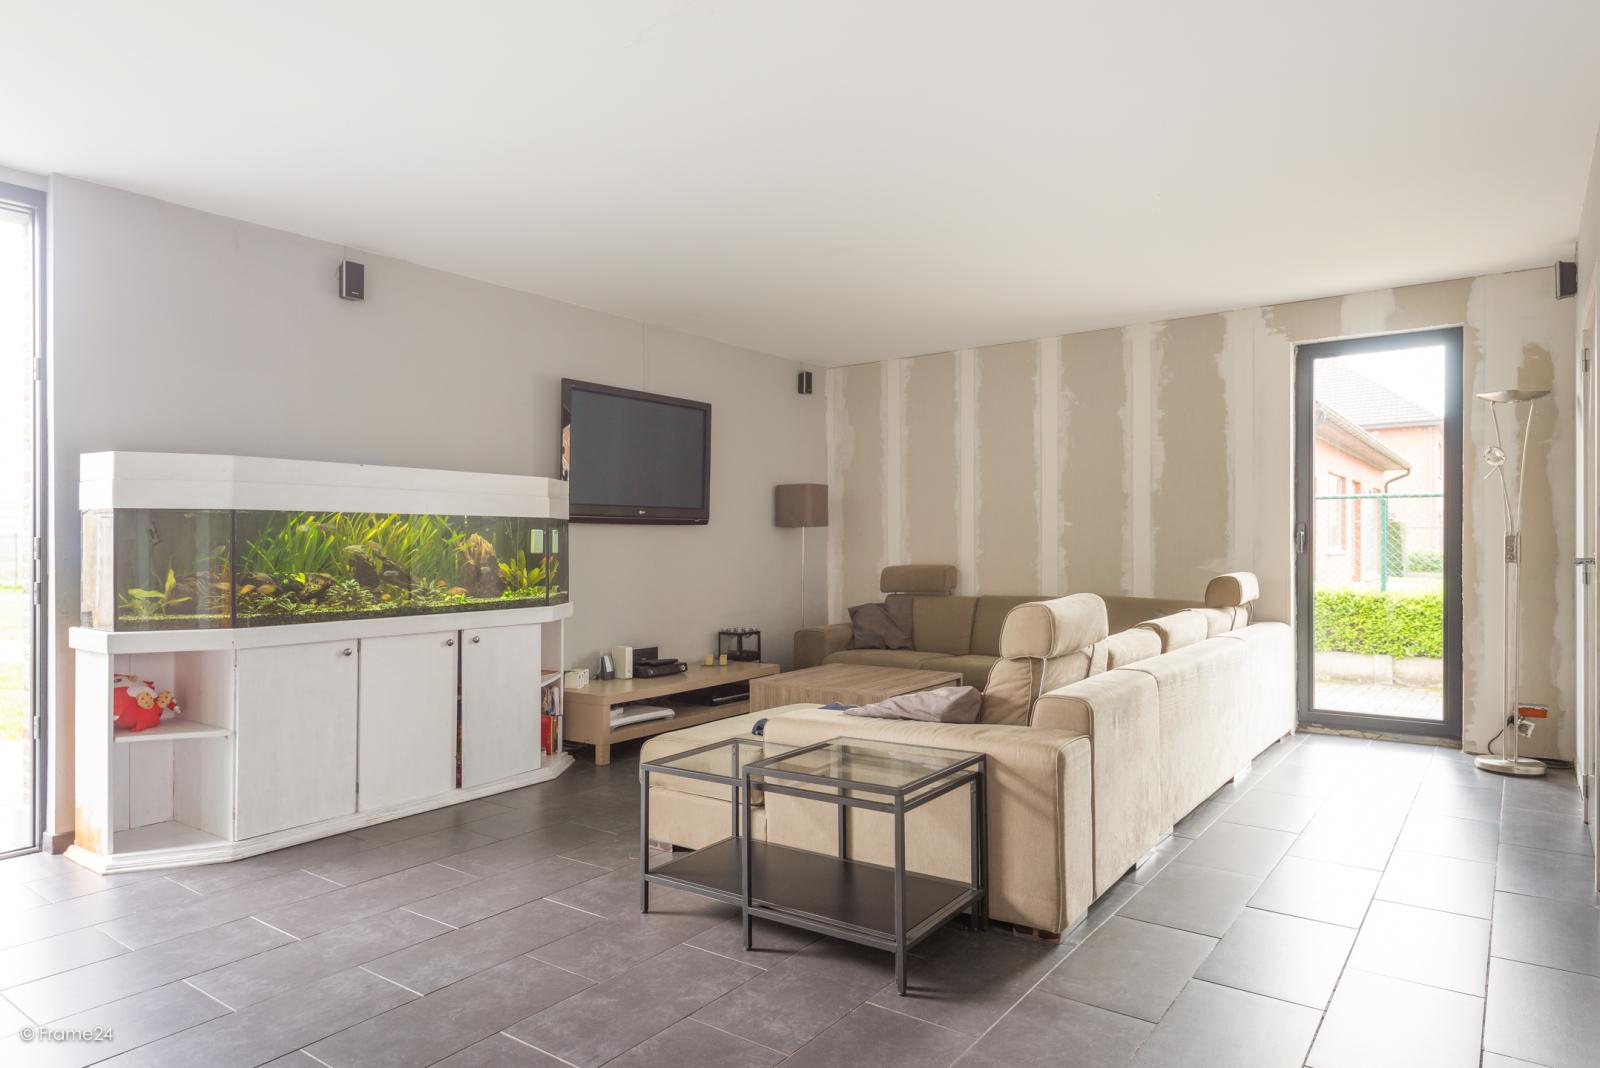 Vernieuwde half open woning met 5 slaapkamers op een perceel van 1.246 m² op goede locatie te Ranst! afbeelding 4